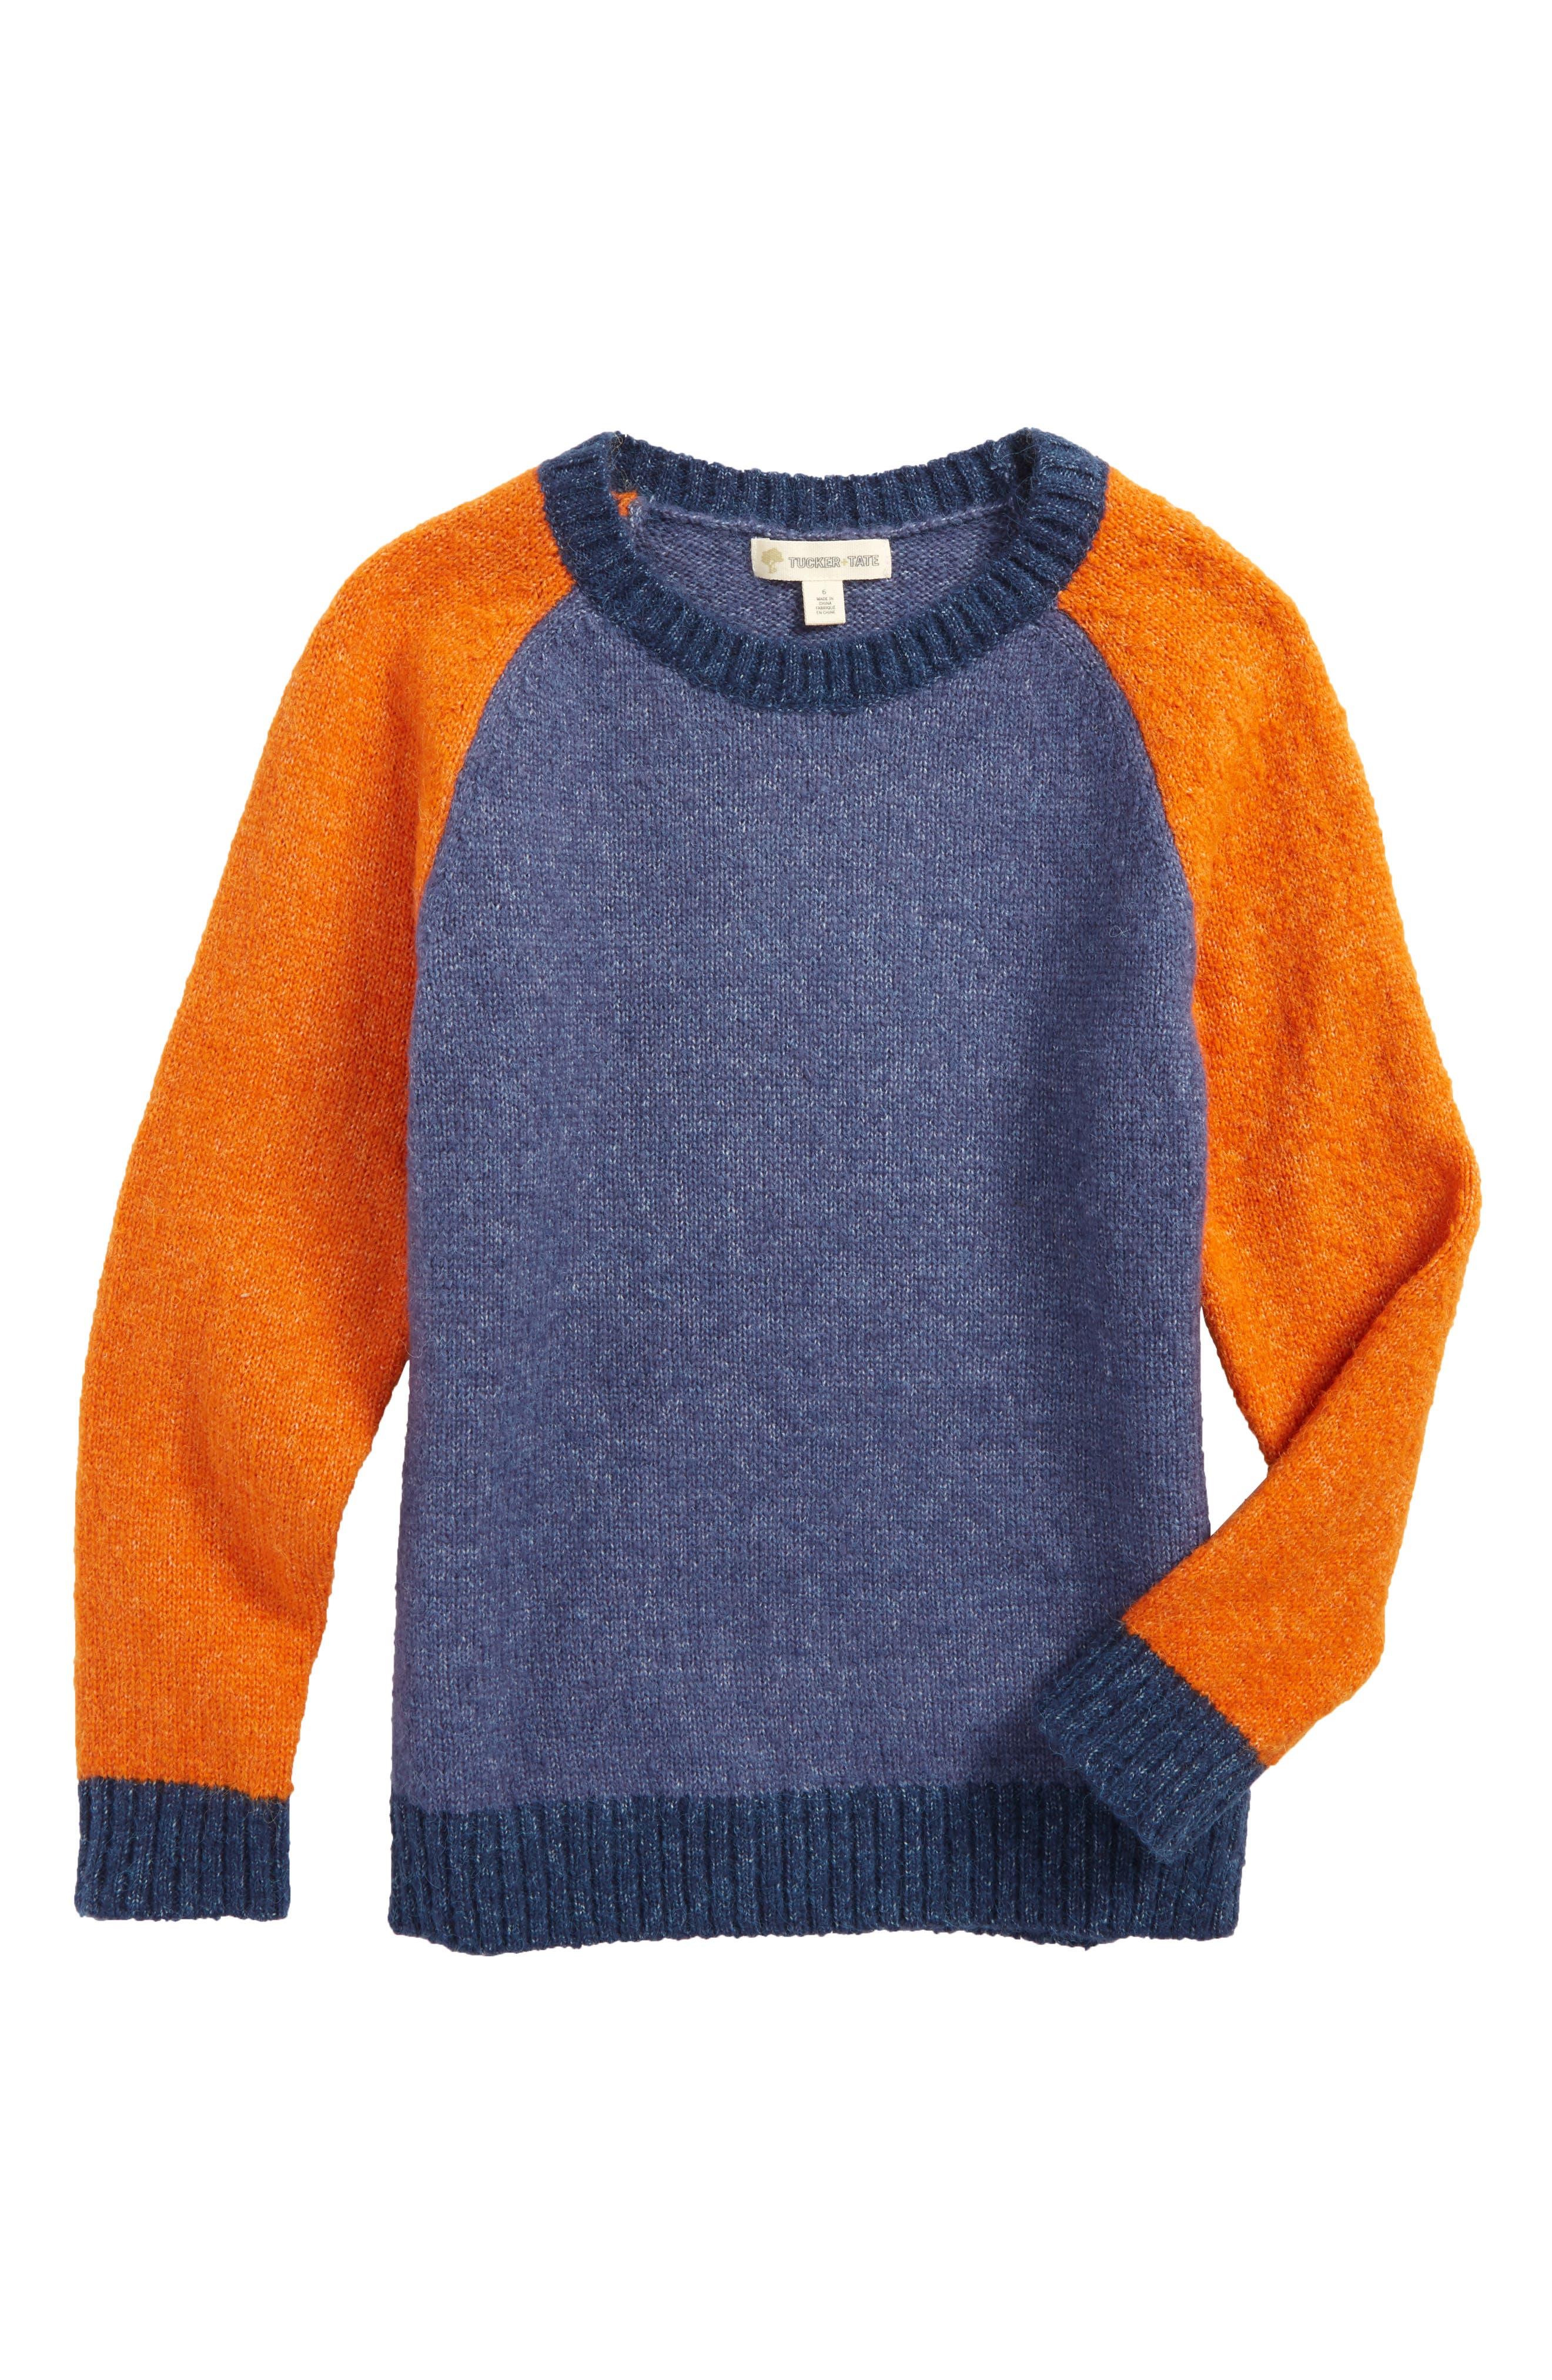 Colorblock Sweater,                         Main,                         color, Blue Vintage Multi